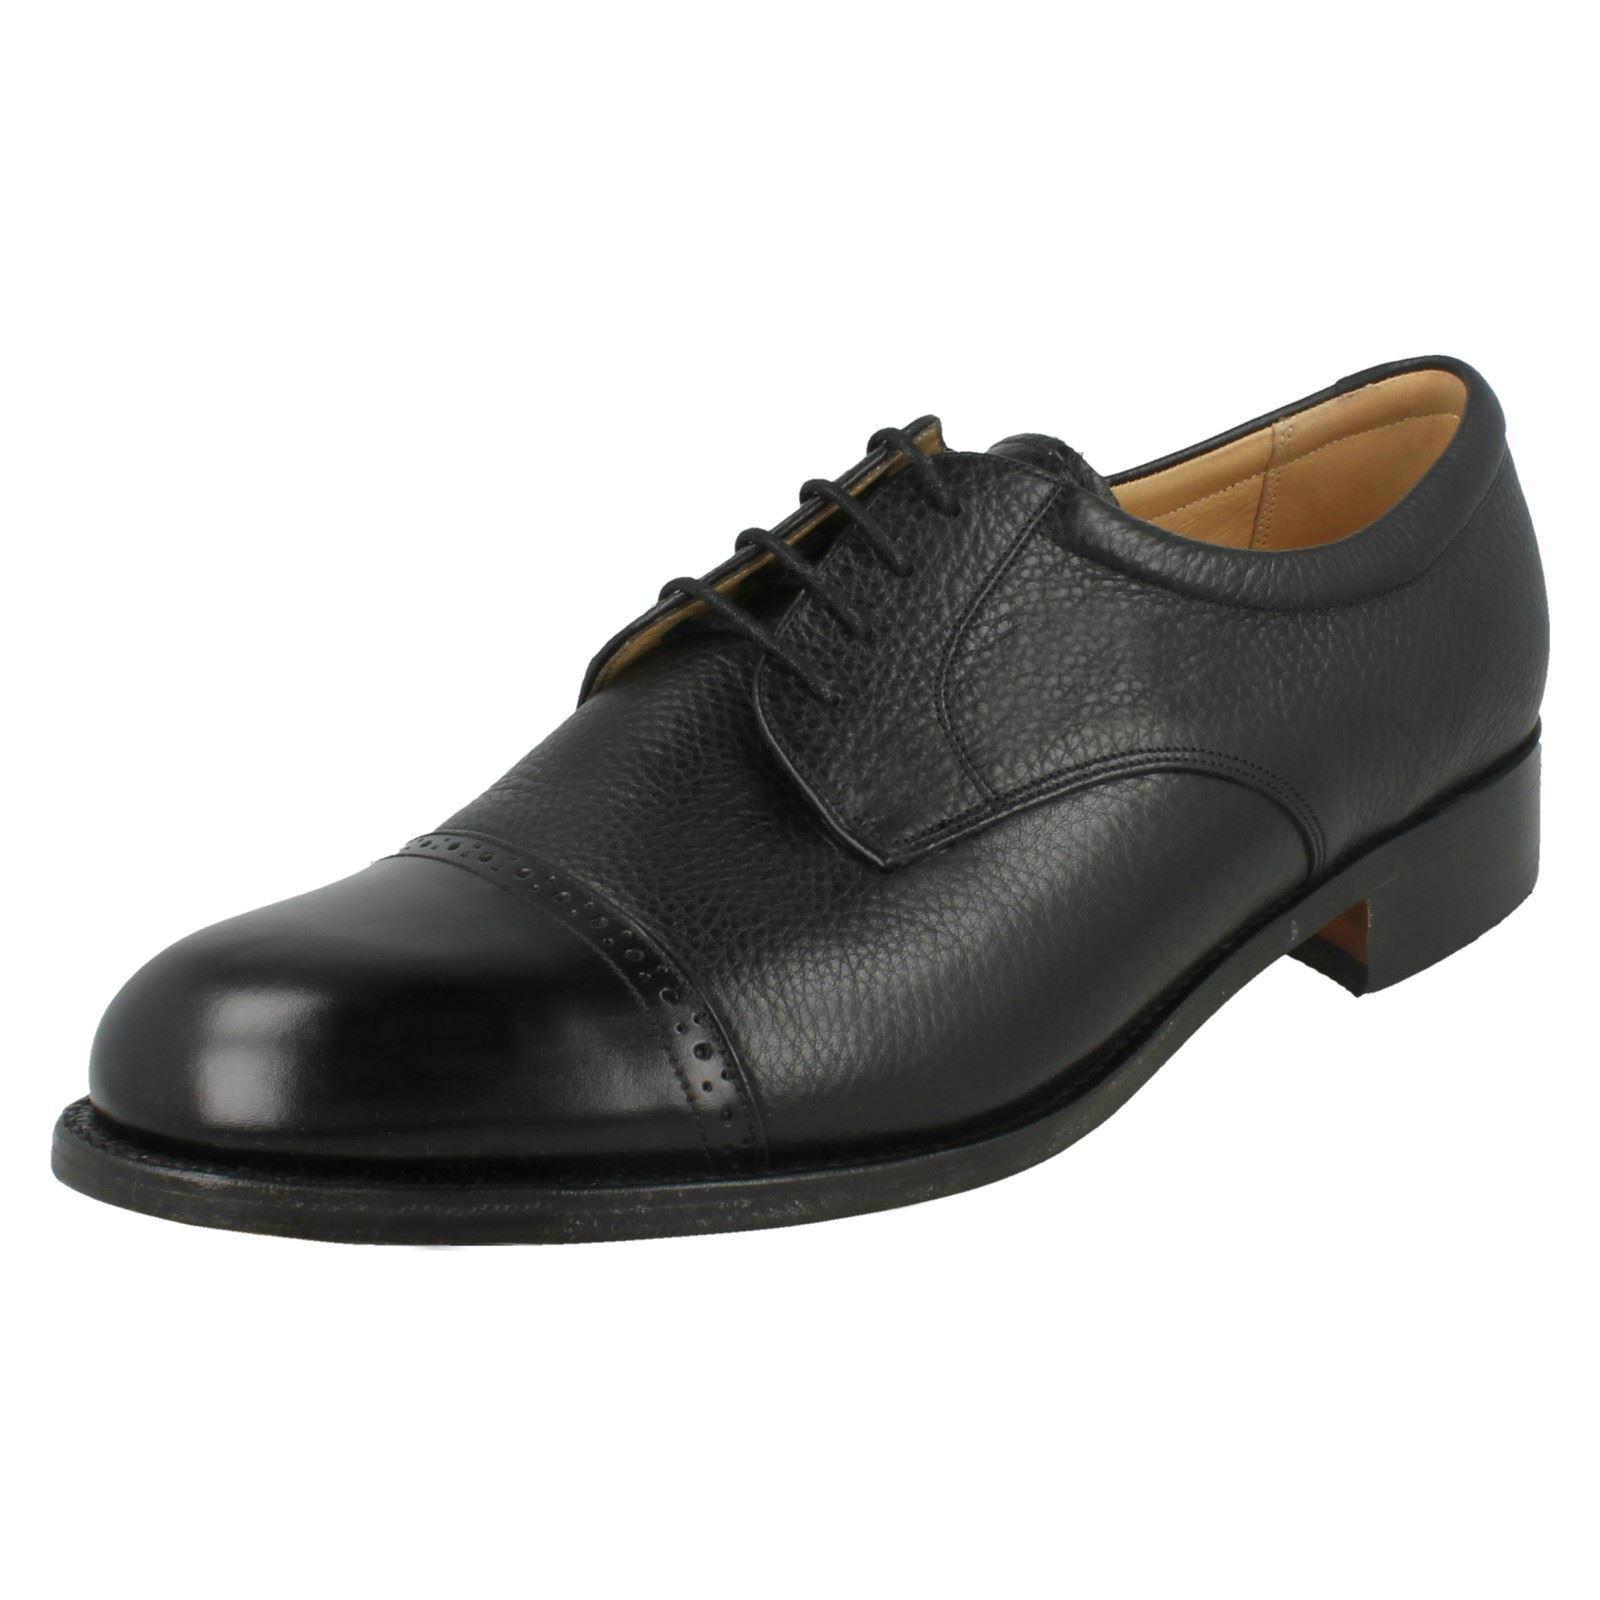 Billig gute Qualität Mens Barker Formal Shoes Staines